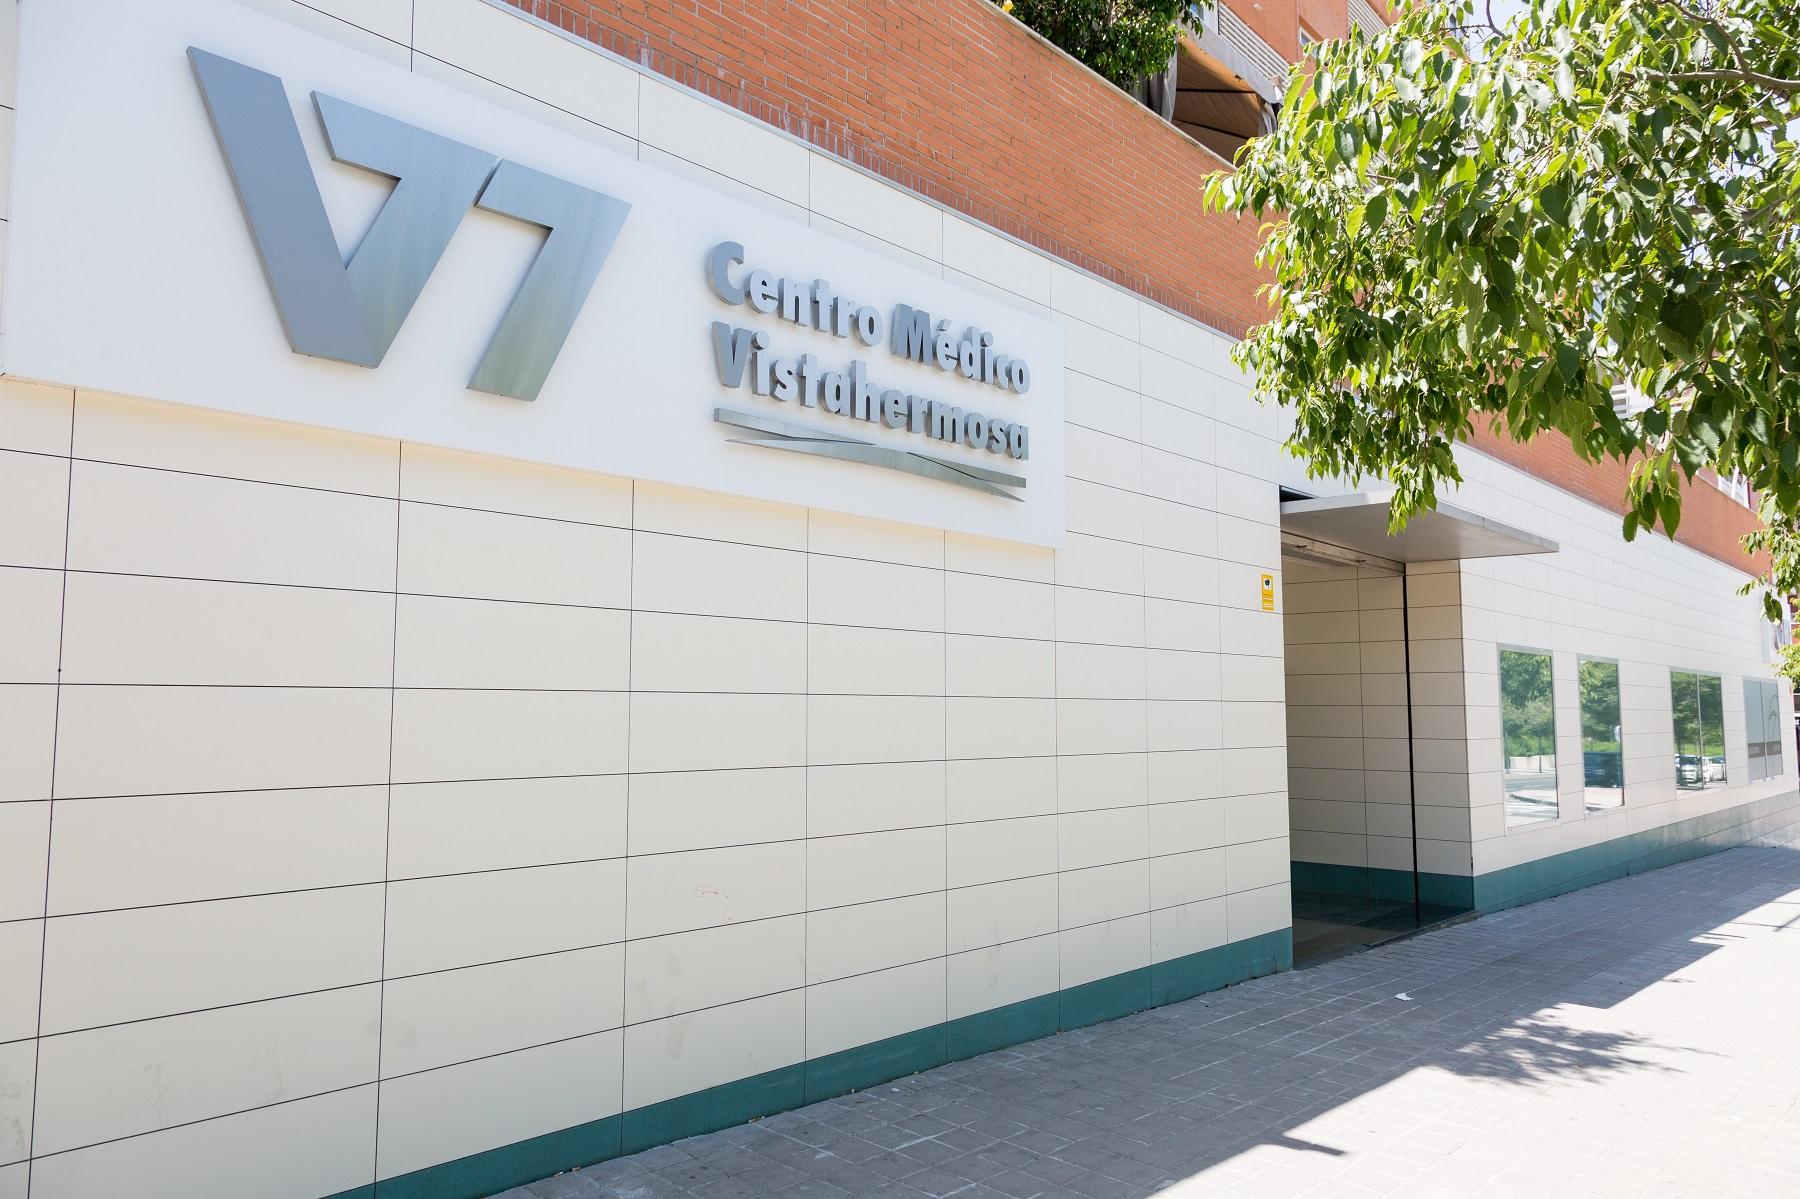 La Clínica HLA Vistahermosa retomará la actividad hospitalaria habitual a partir del 27 de abril